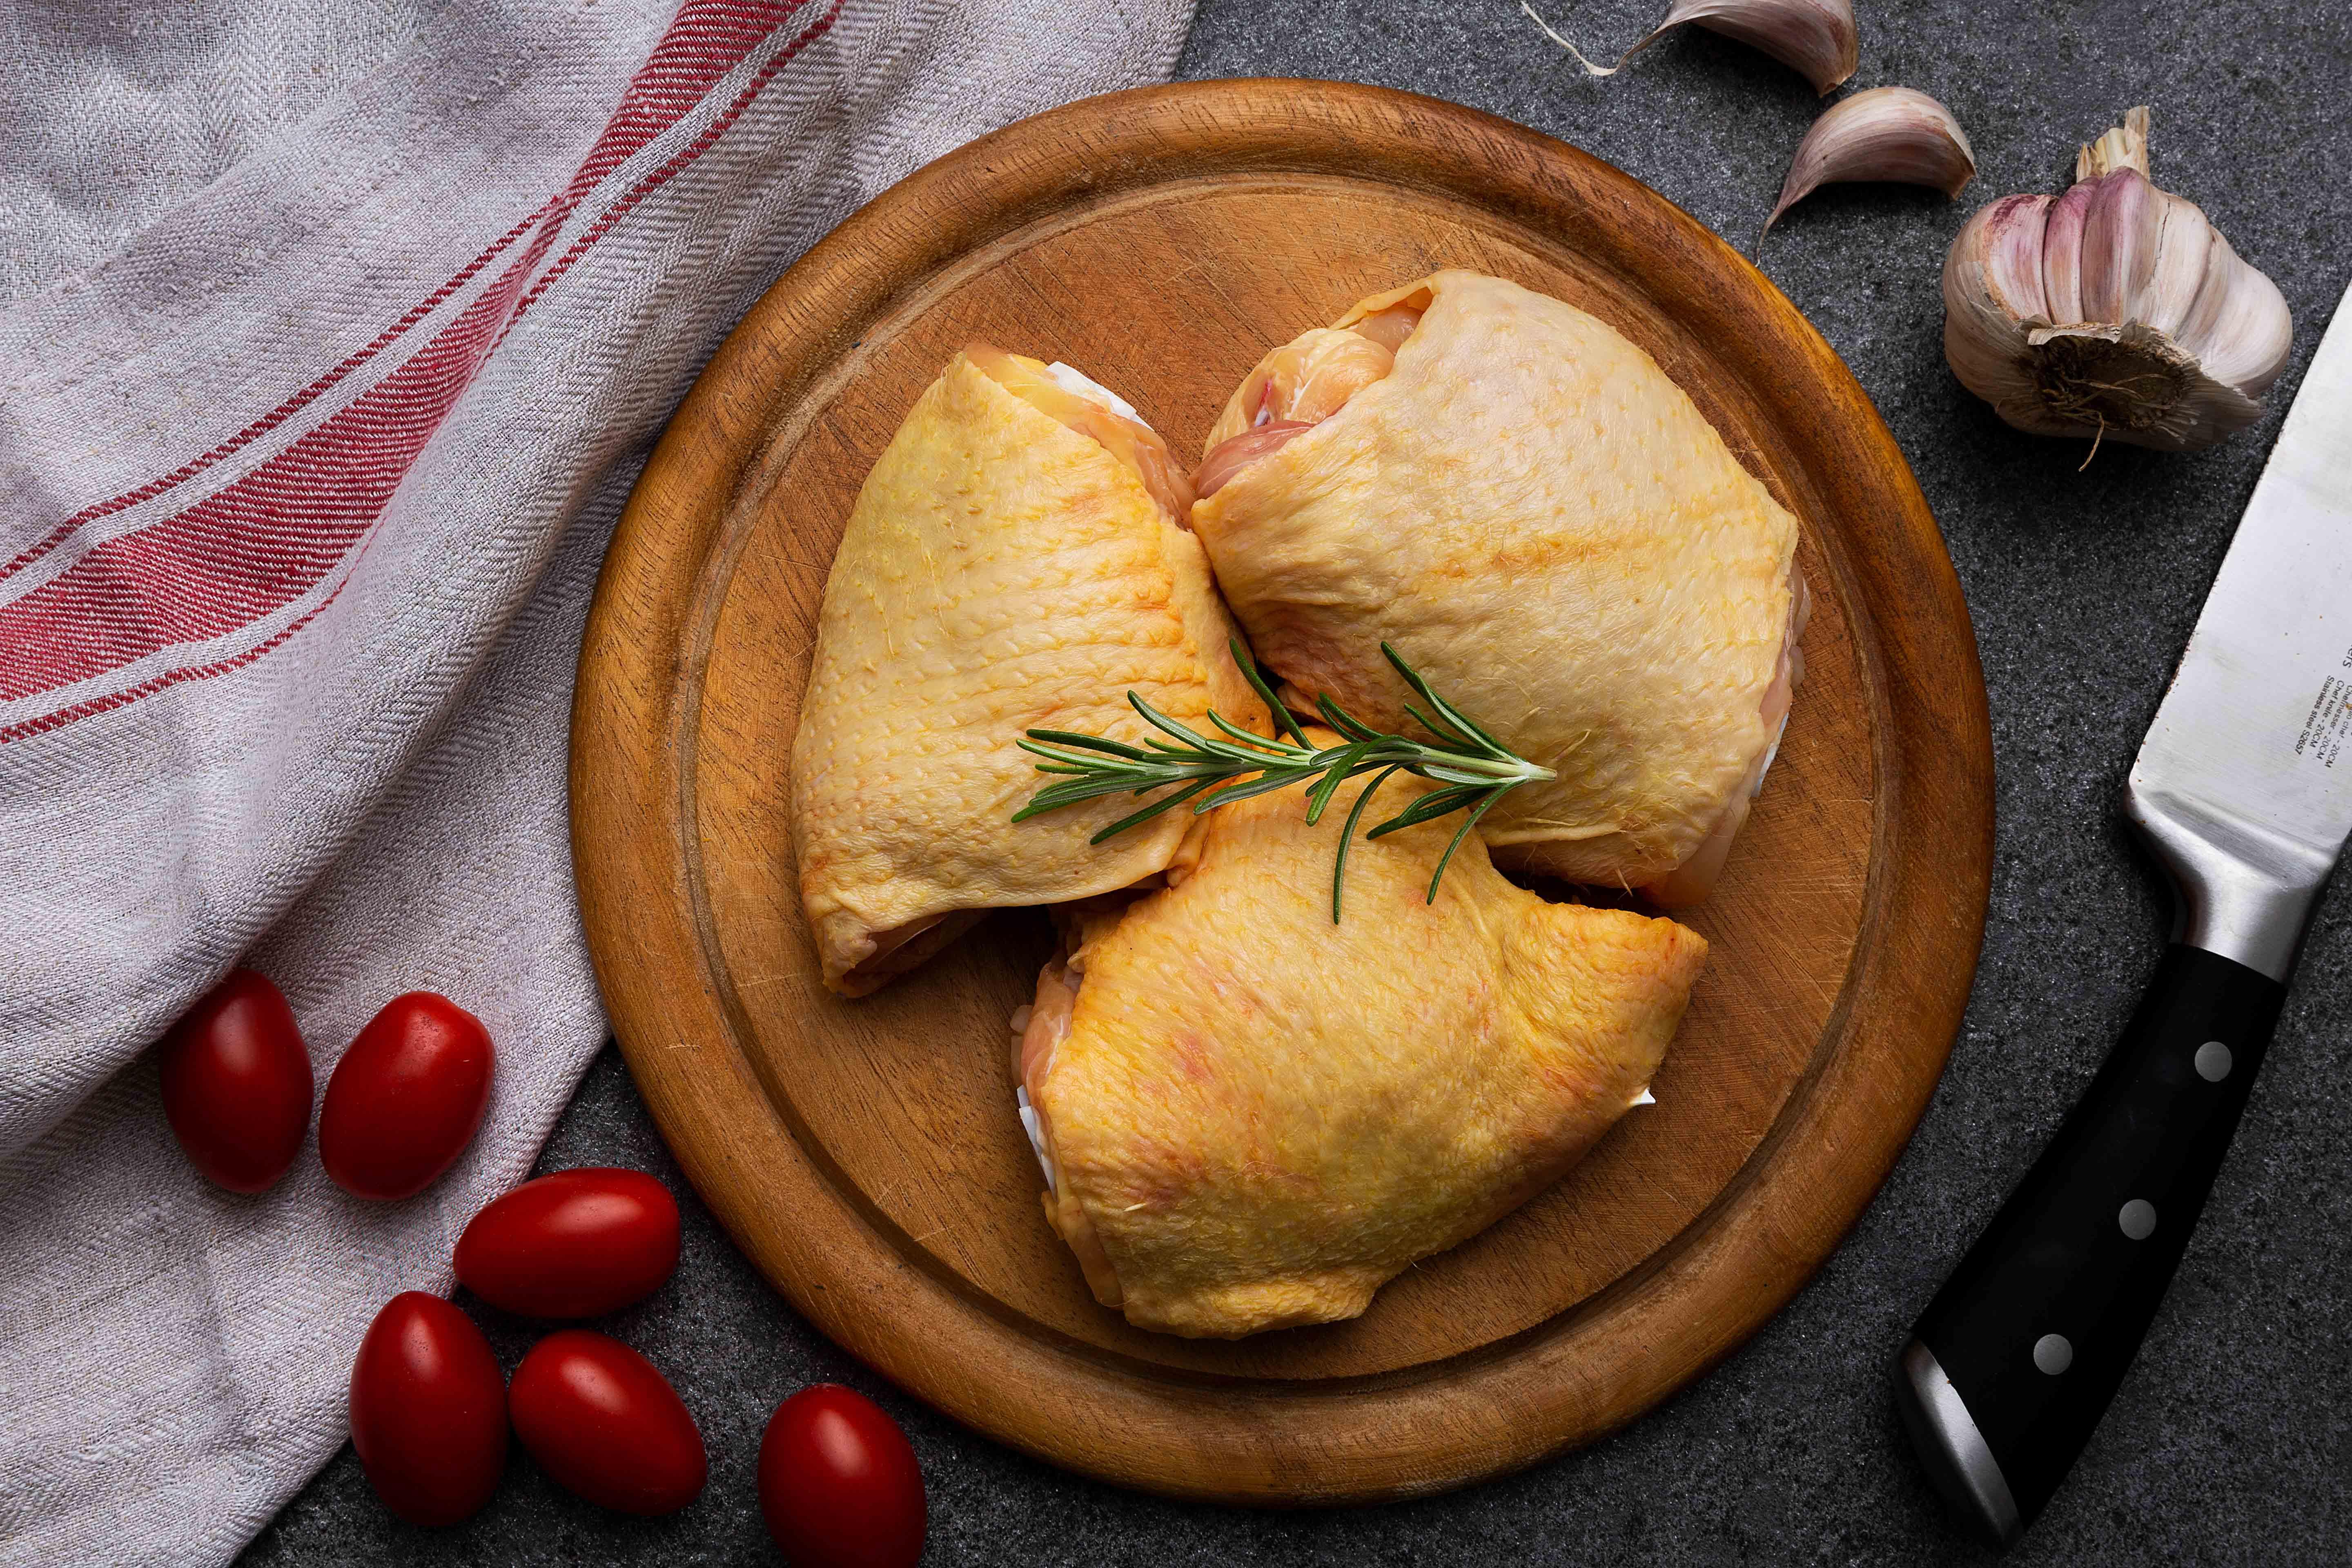 Sottocosce di pollo giallo - Alemas carni bianche toscane